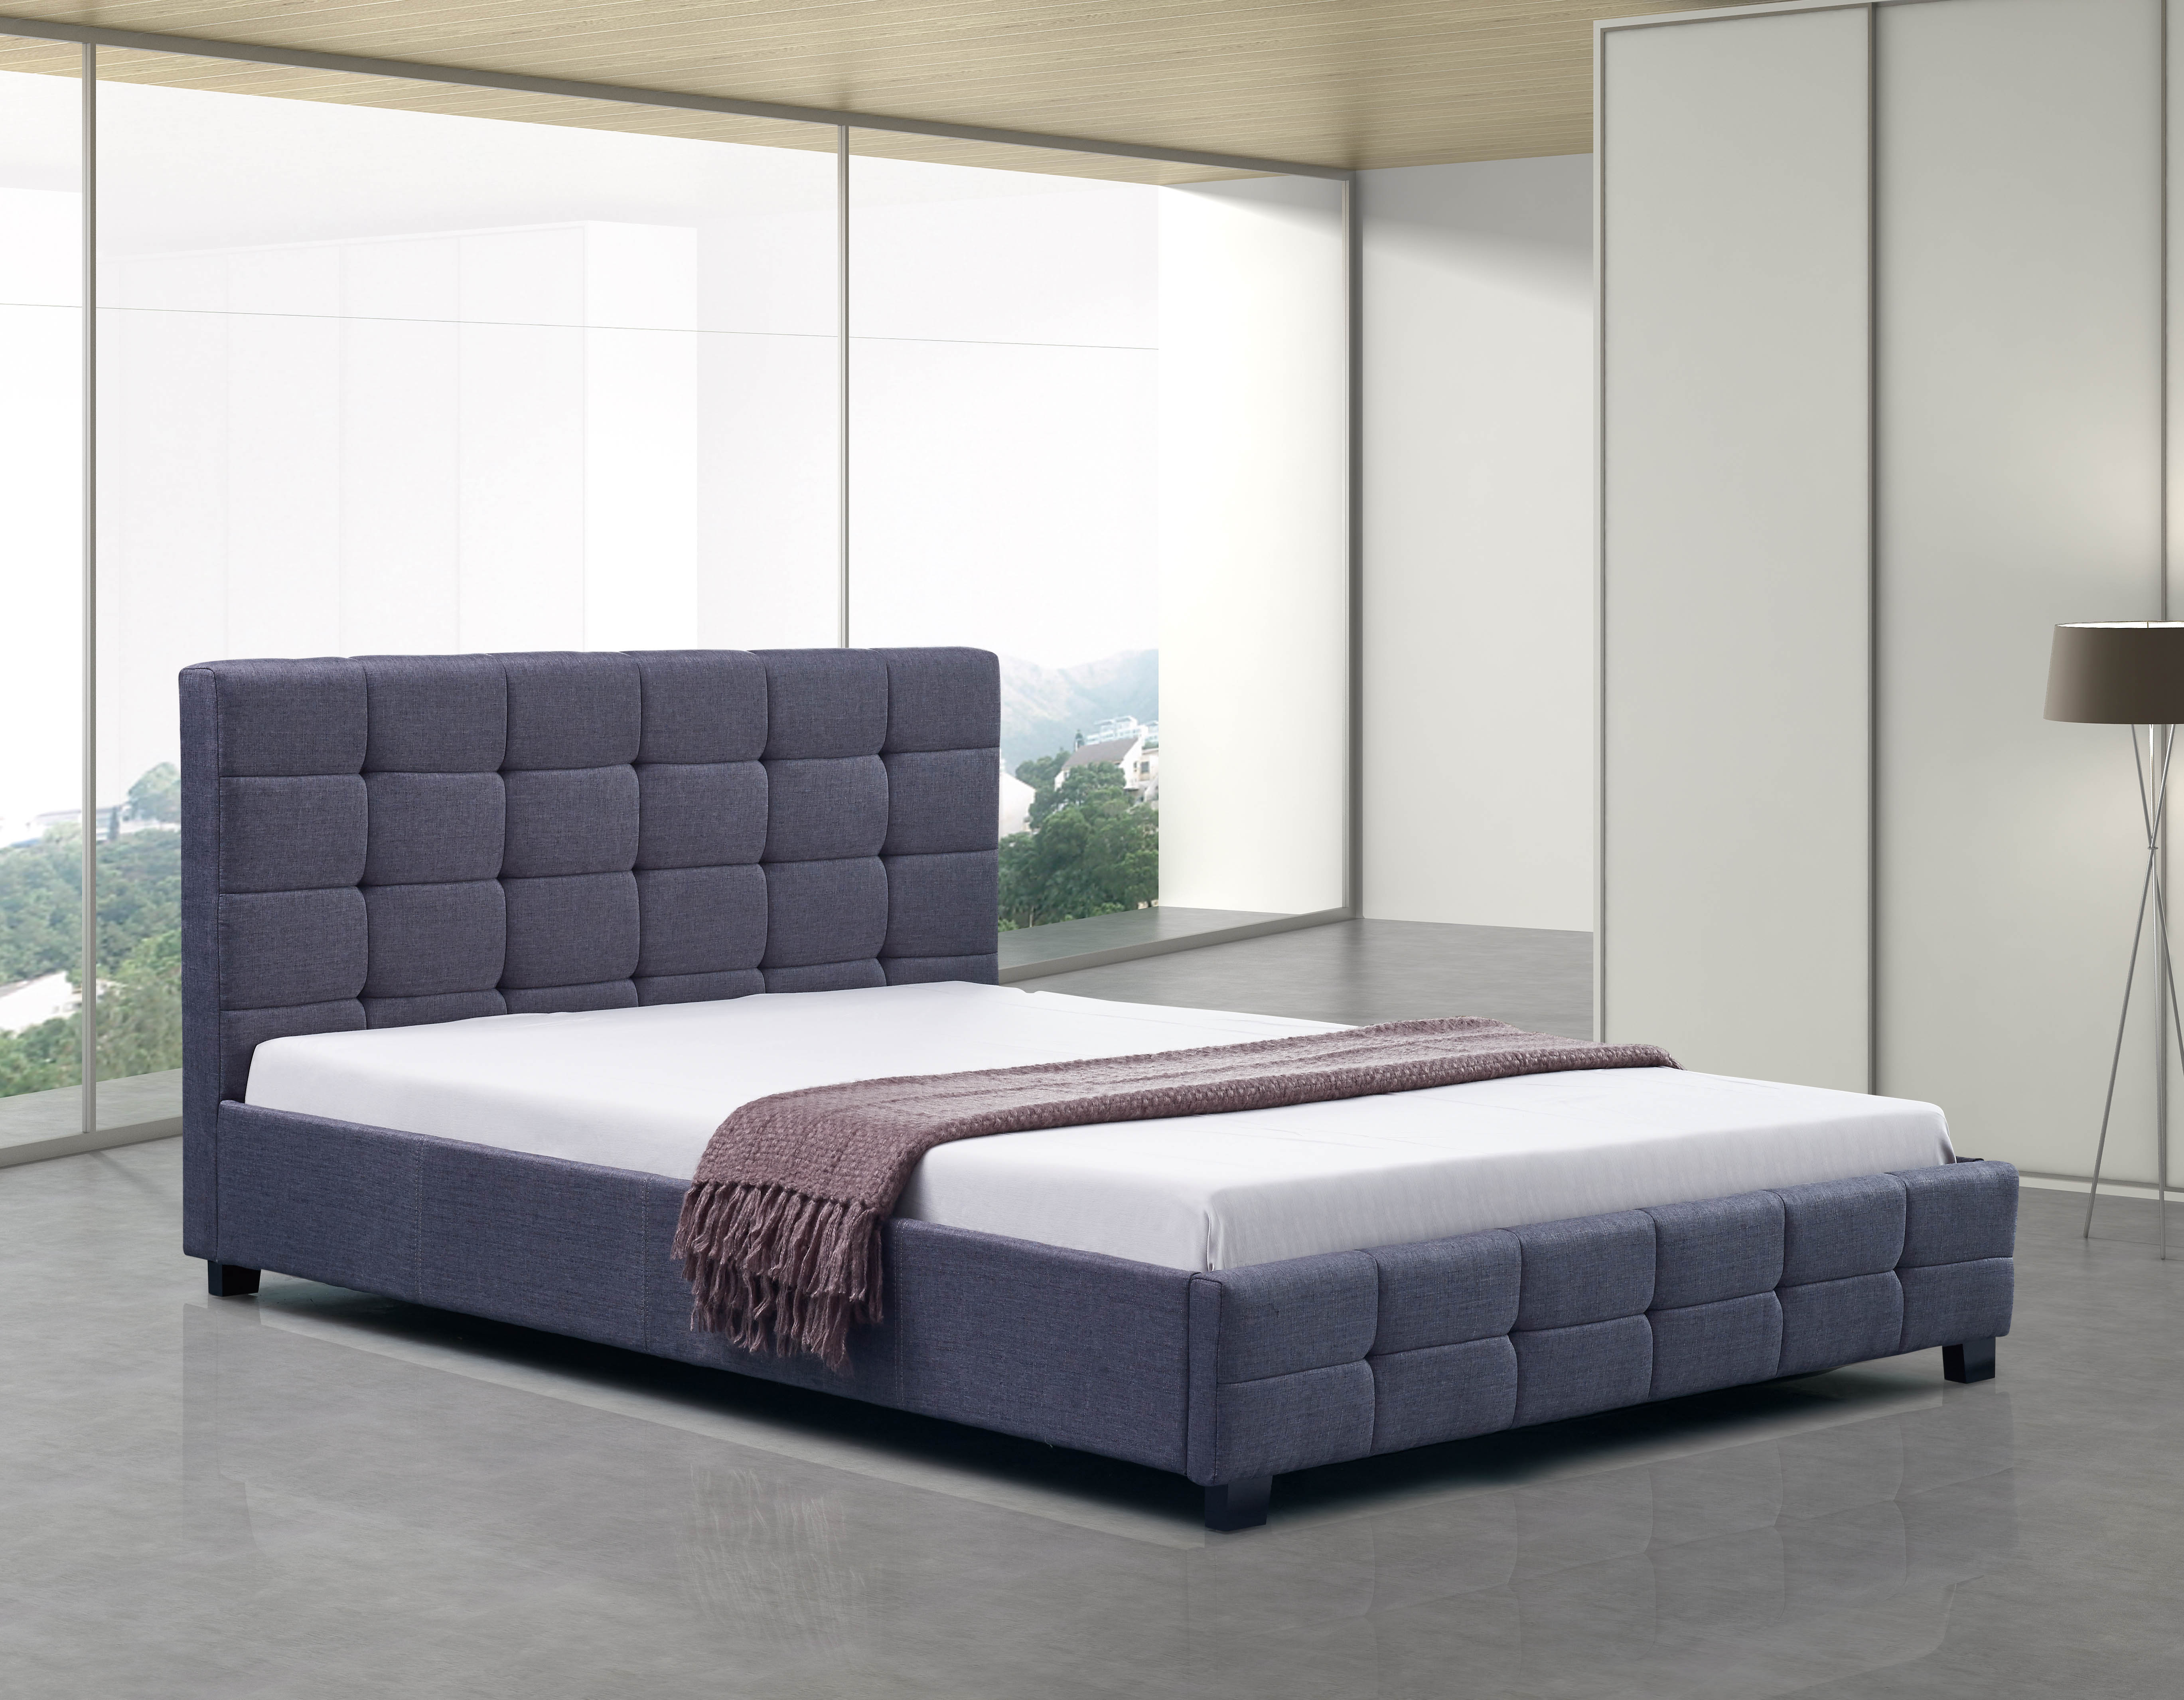 Linen Fabric Queen Deluxe Bed Frame Grey  Z2674